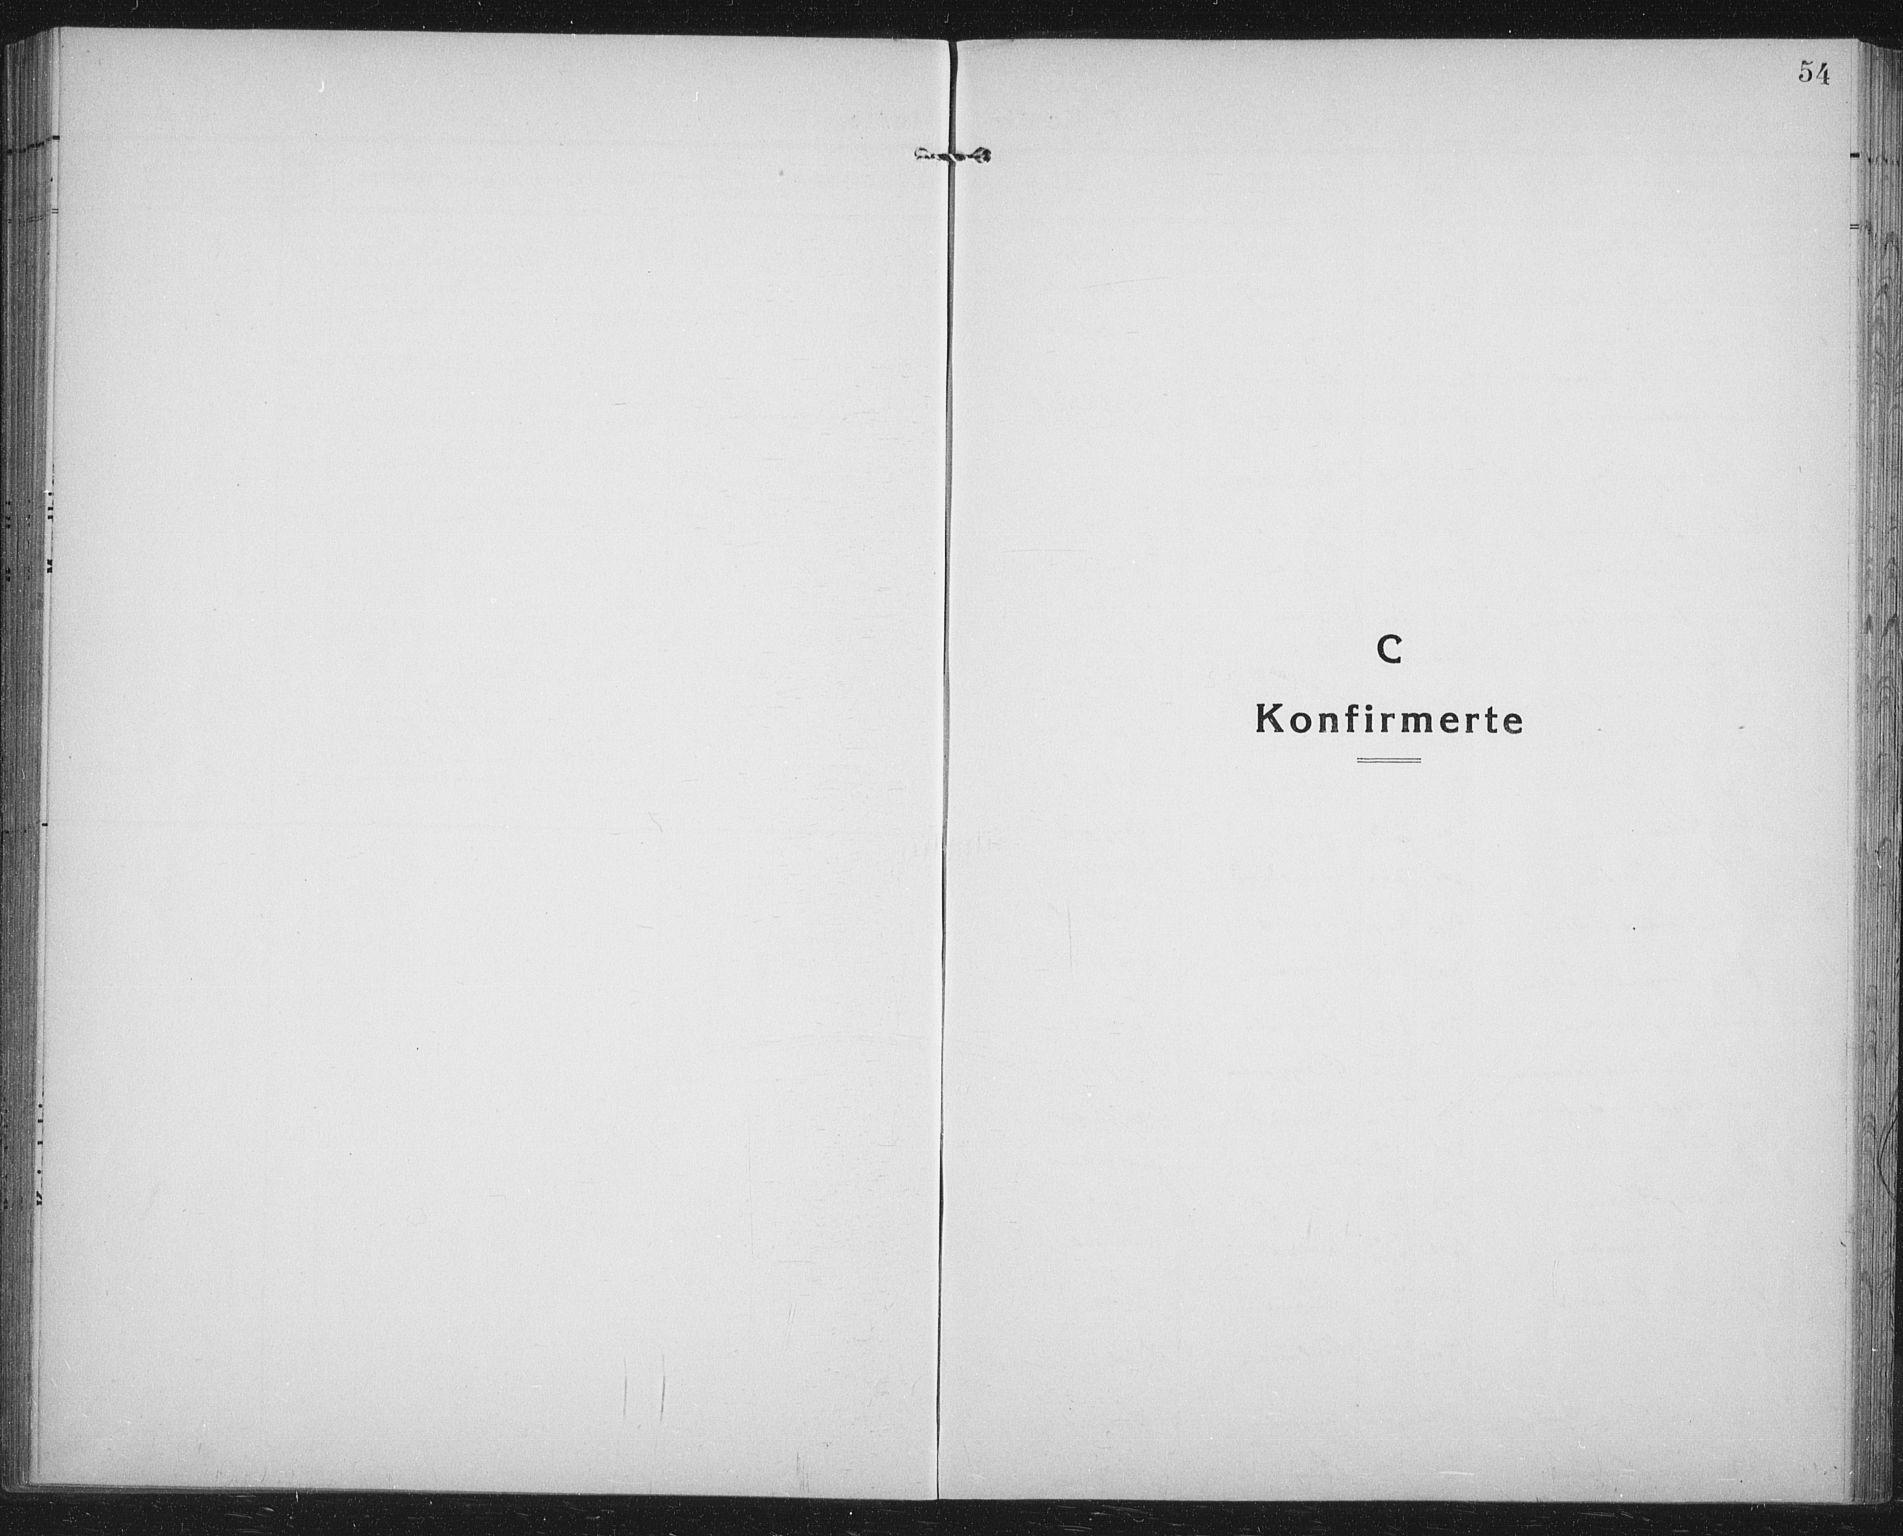 SATØ, Lenvik sokneprestembete, H/Ha/Hab/L0023klokker: Klokkerbok nr. 23, 1918-1936, s. 54